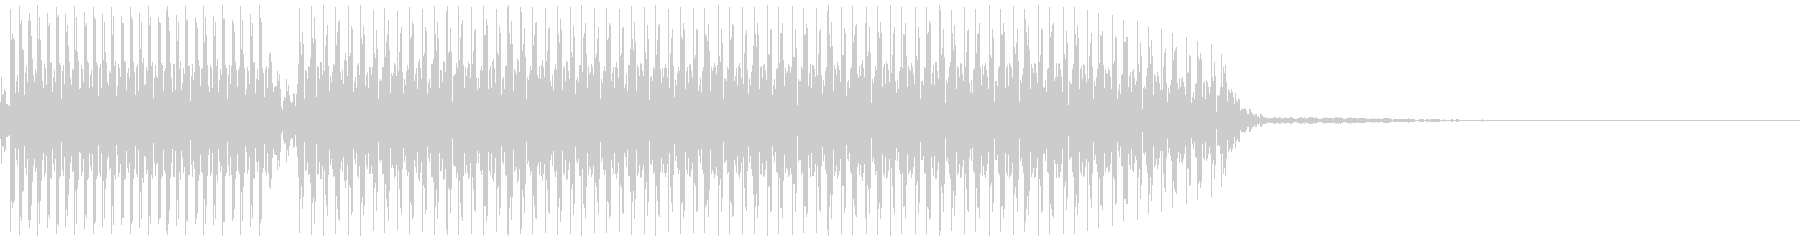 不正解音 ビブ~(GMS)の未再生の波形